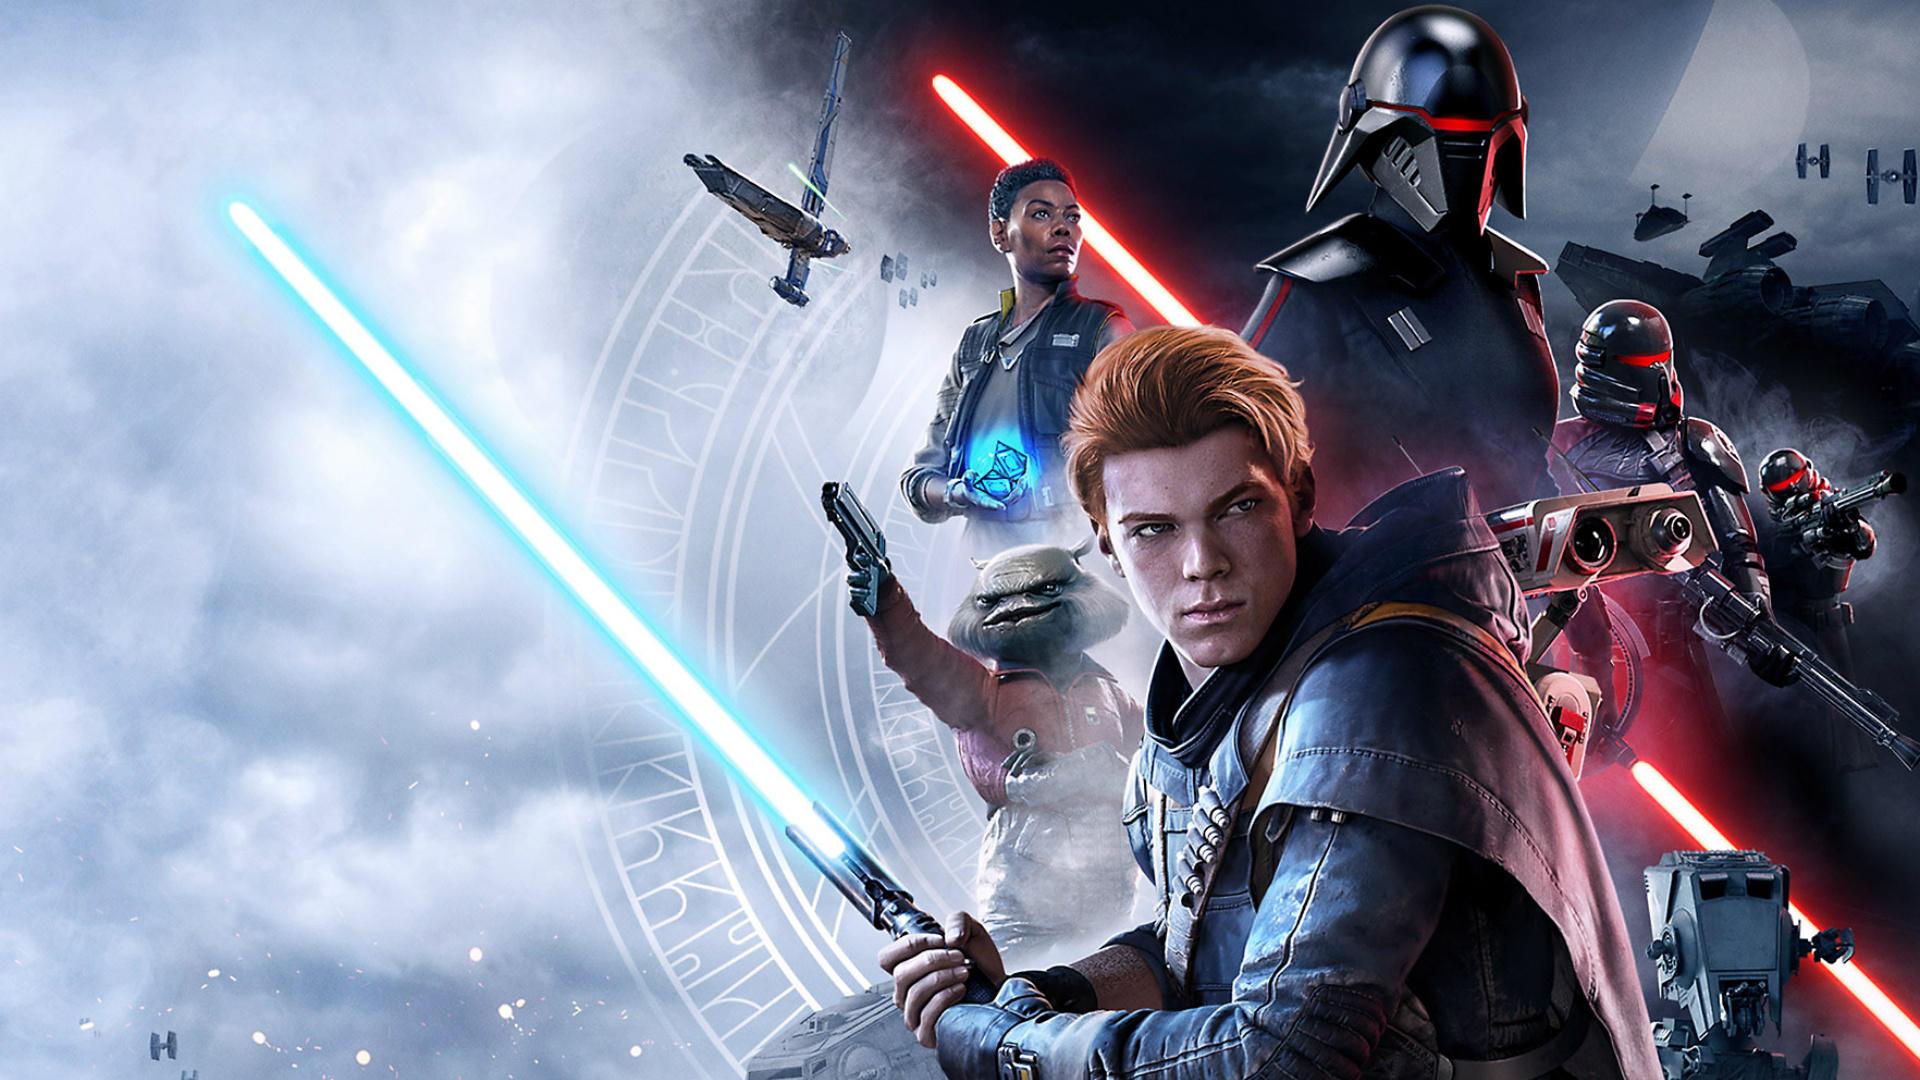 Вышло обновление для Star Wars Jedi: Fallen Order, исправлено несколько мелких ошибок